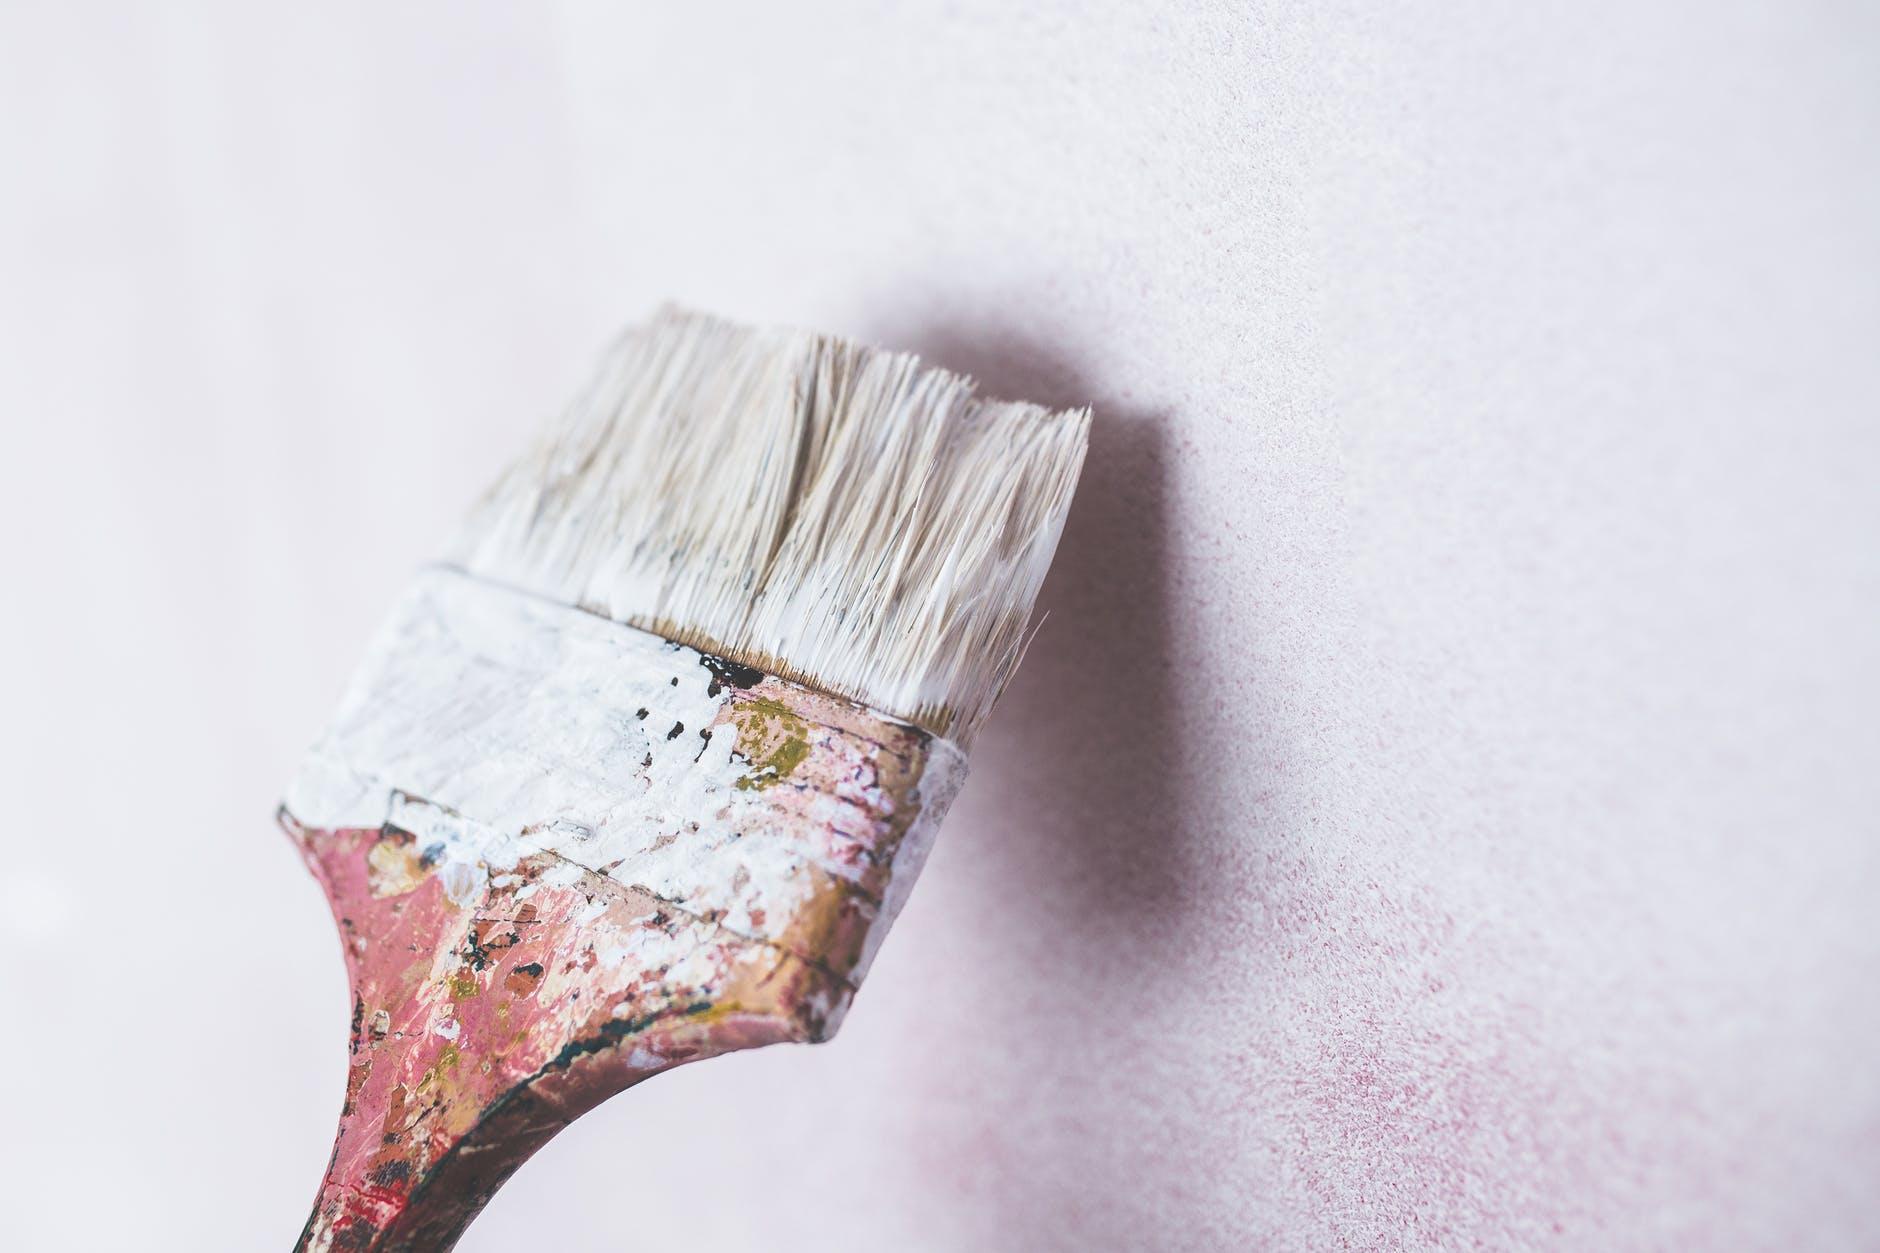 Co najlepiej pomoże usunąć farbę – przegląd rozpuszczalników